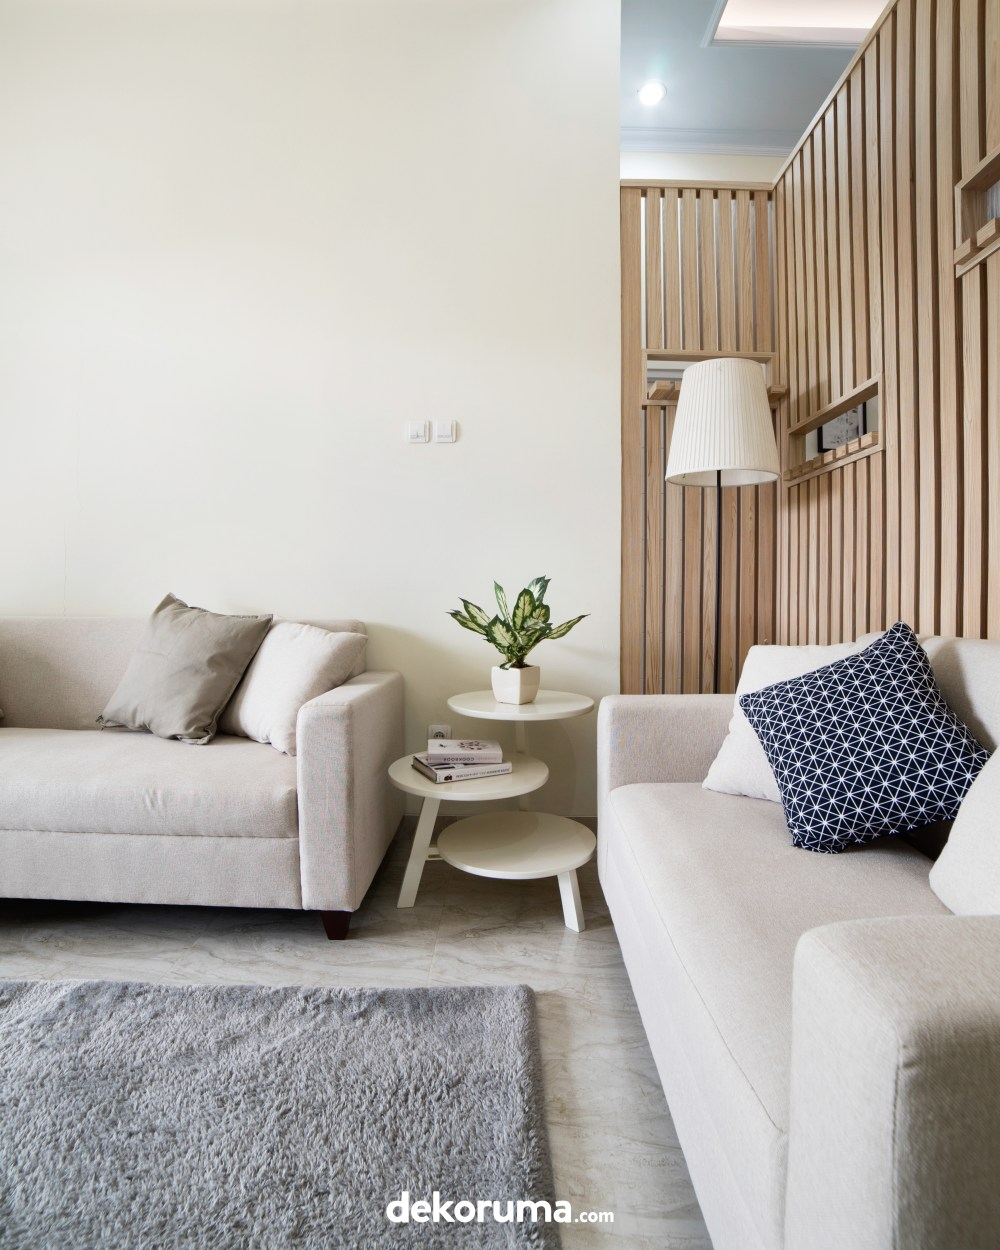 Dekoruma Home Renovasi Ruang Tamu